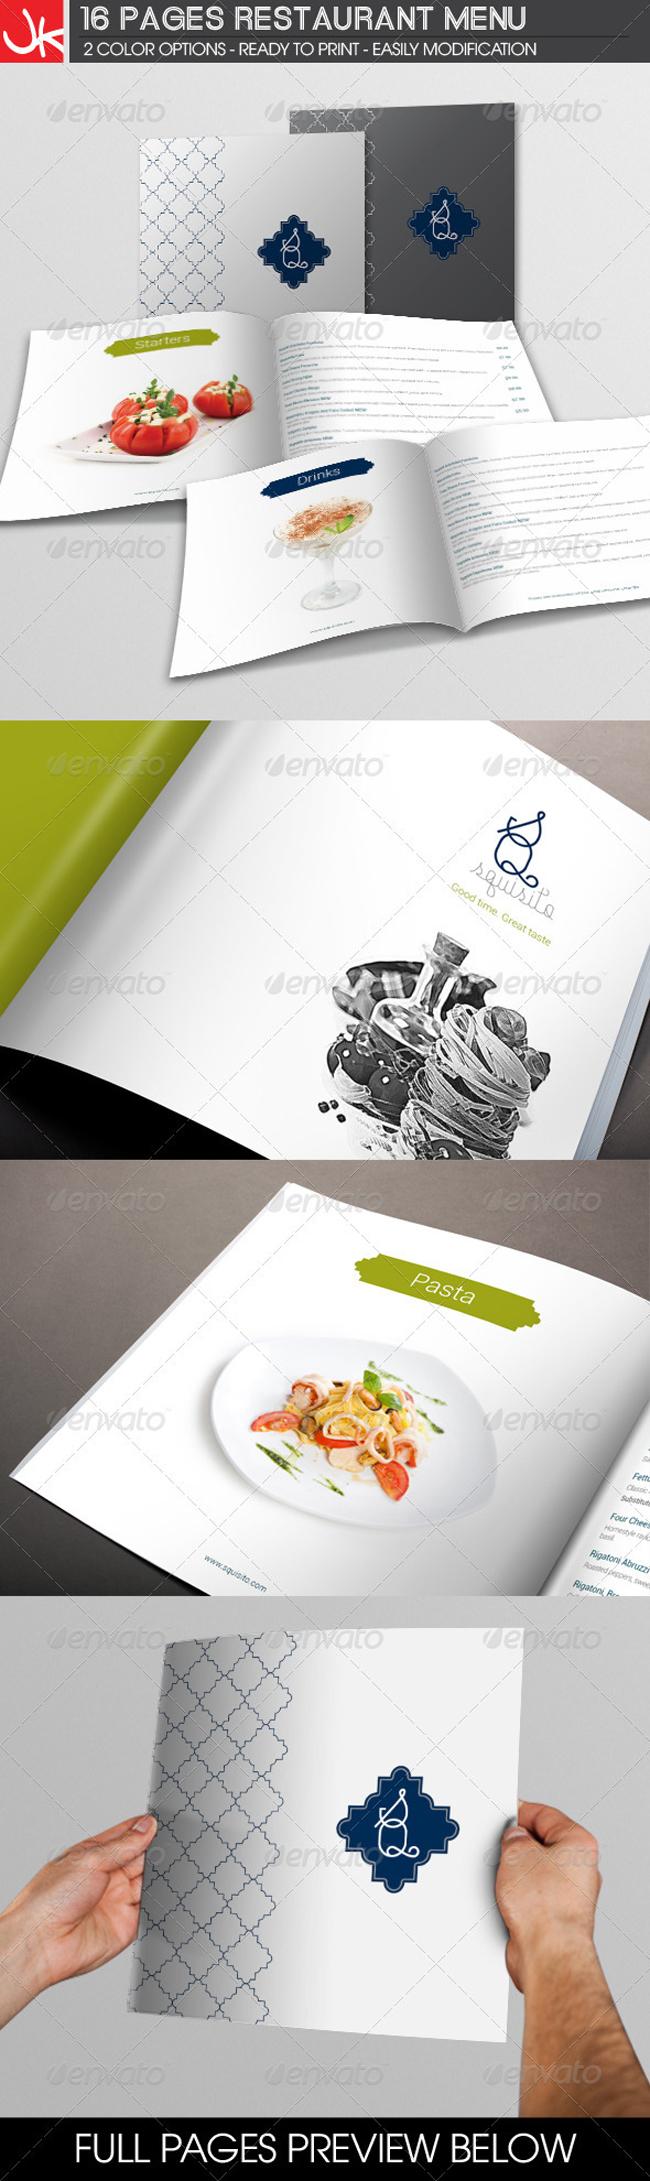 Ejemplos del dise o de menus para restaurantes frogx three for Disenos de menus para restaurantes